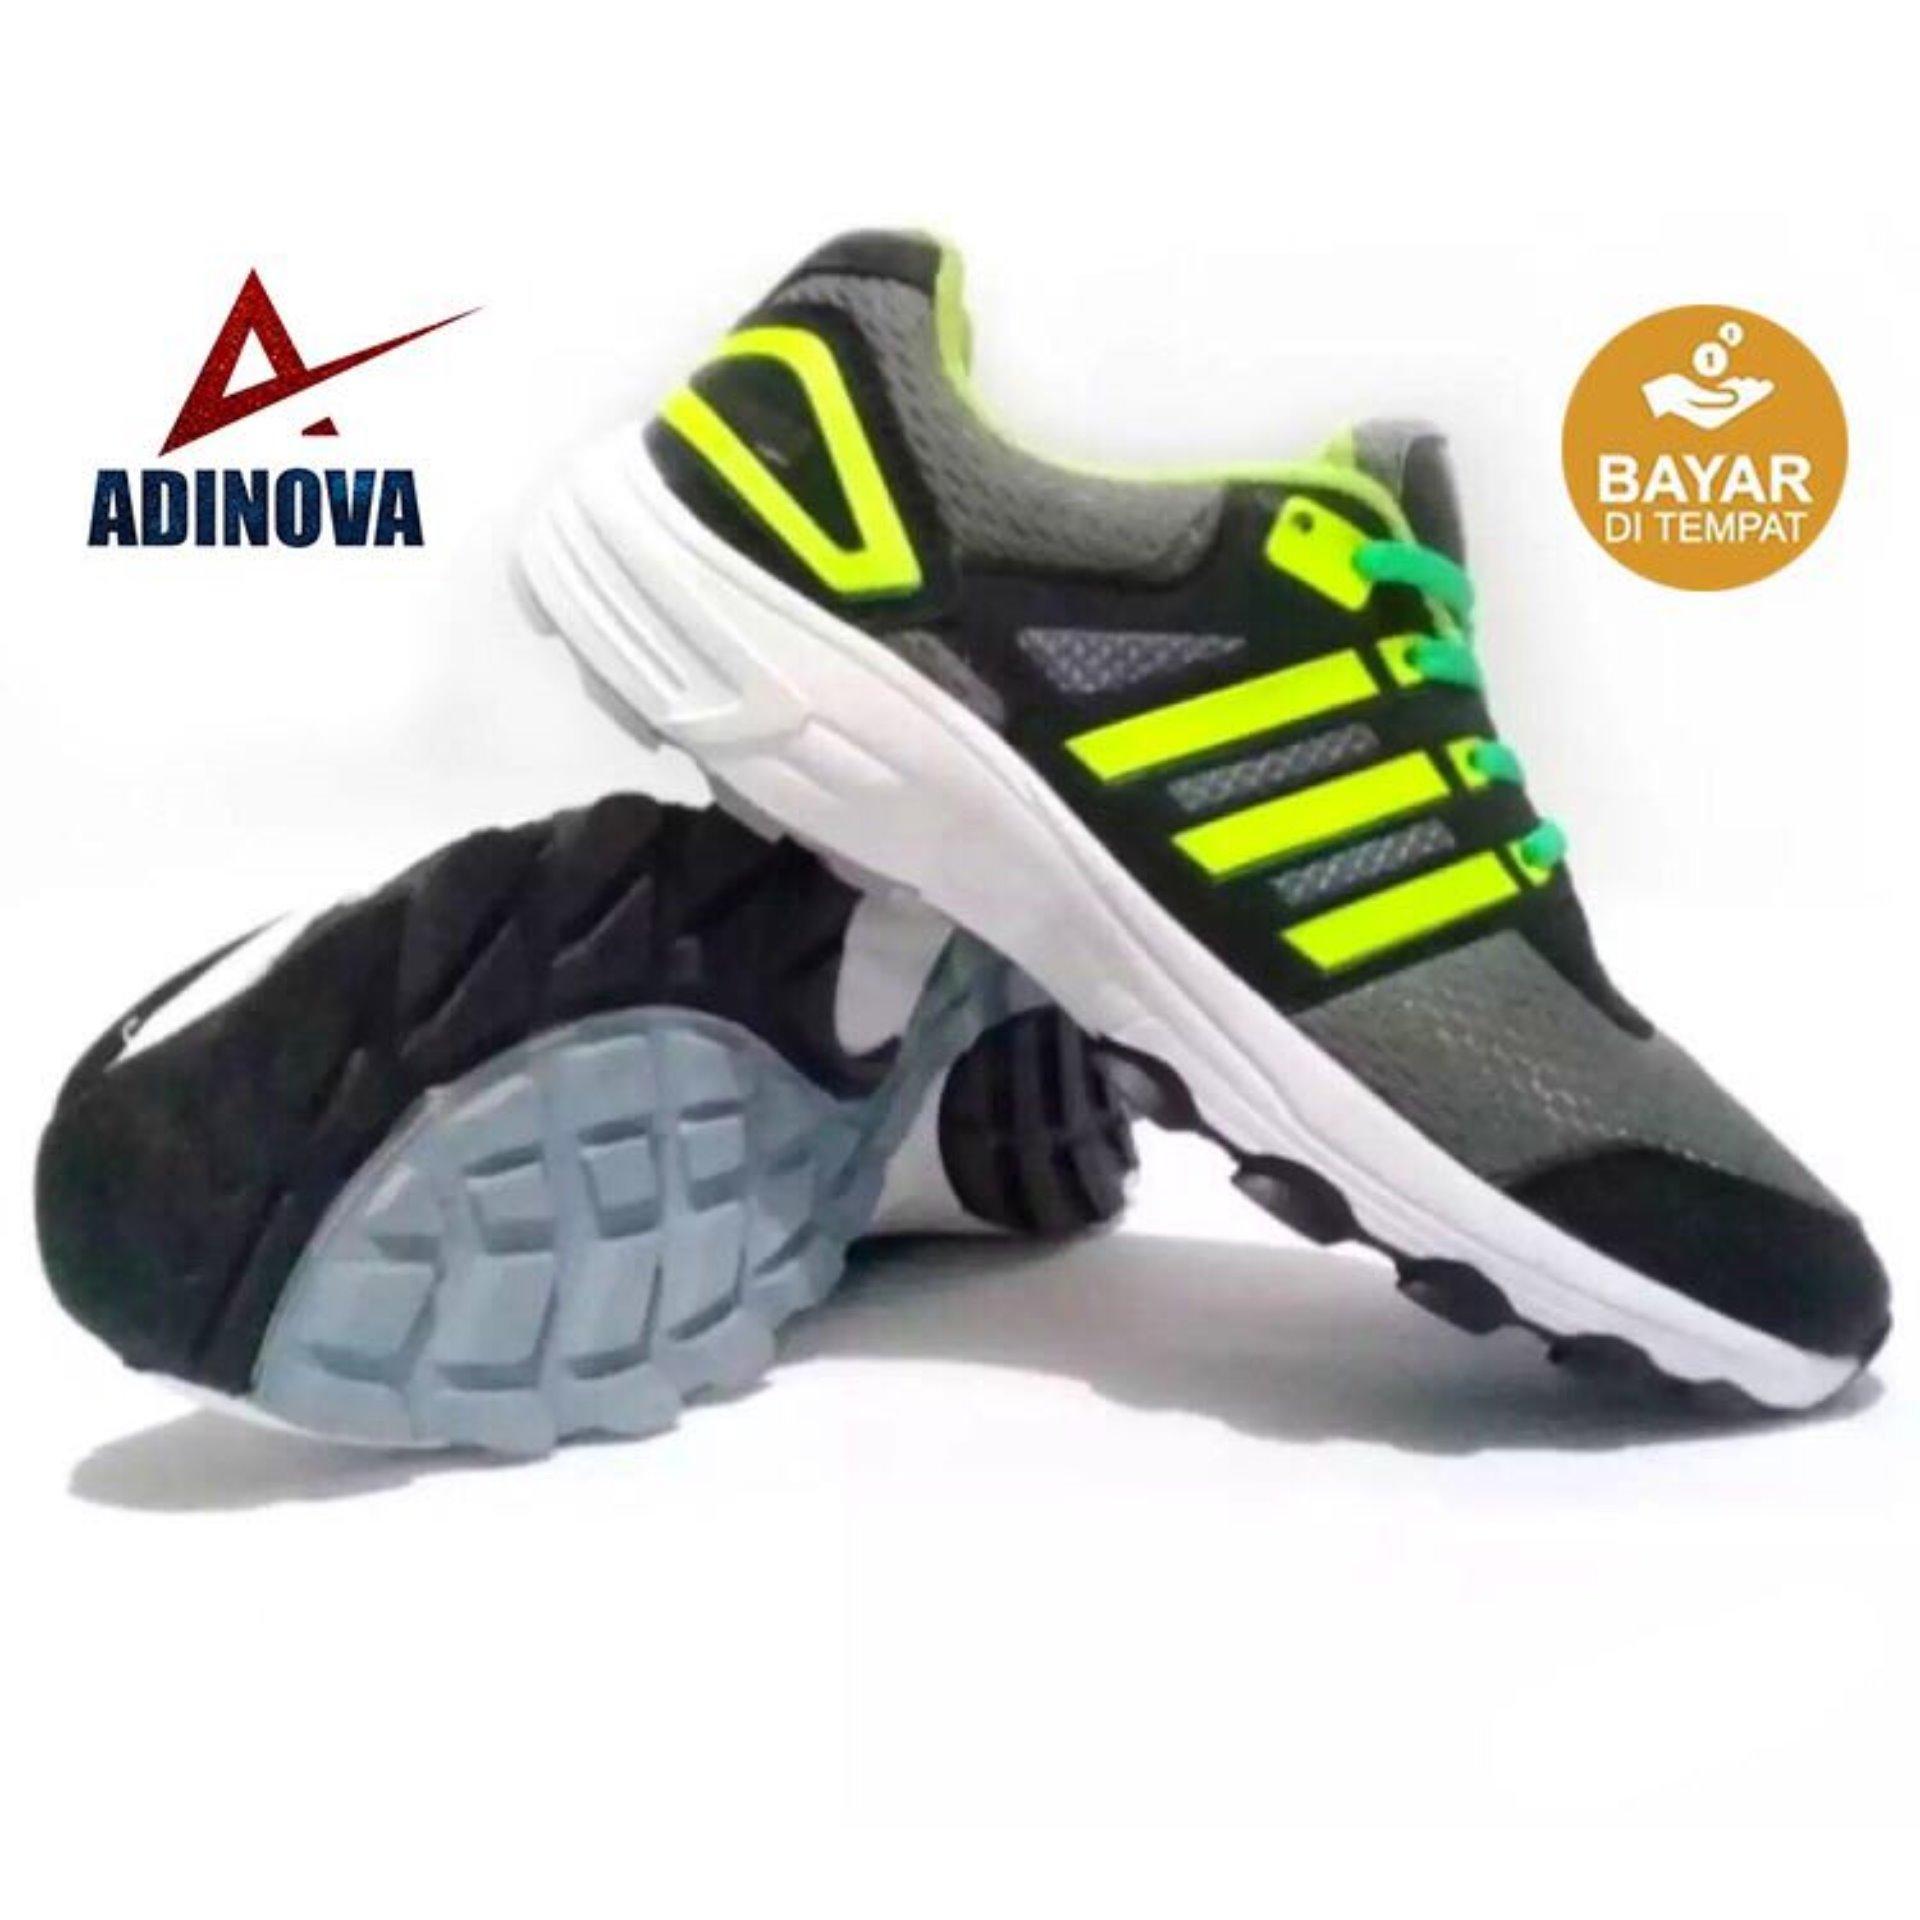 Adinova Shoes Sepatu Sport Pria Sepatu Sneaker Pria   Sepatu Olahraga Sepatu  Lari  a916bce0fd